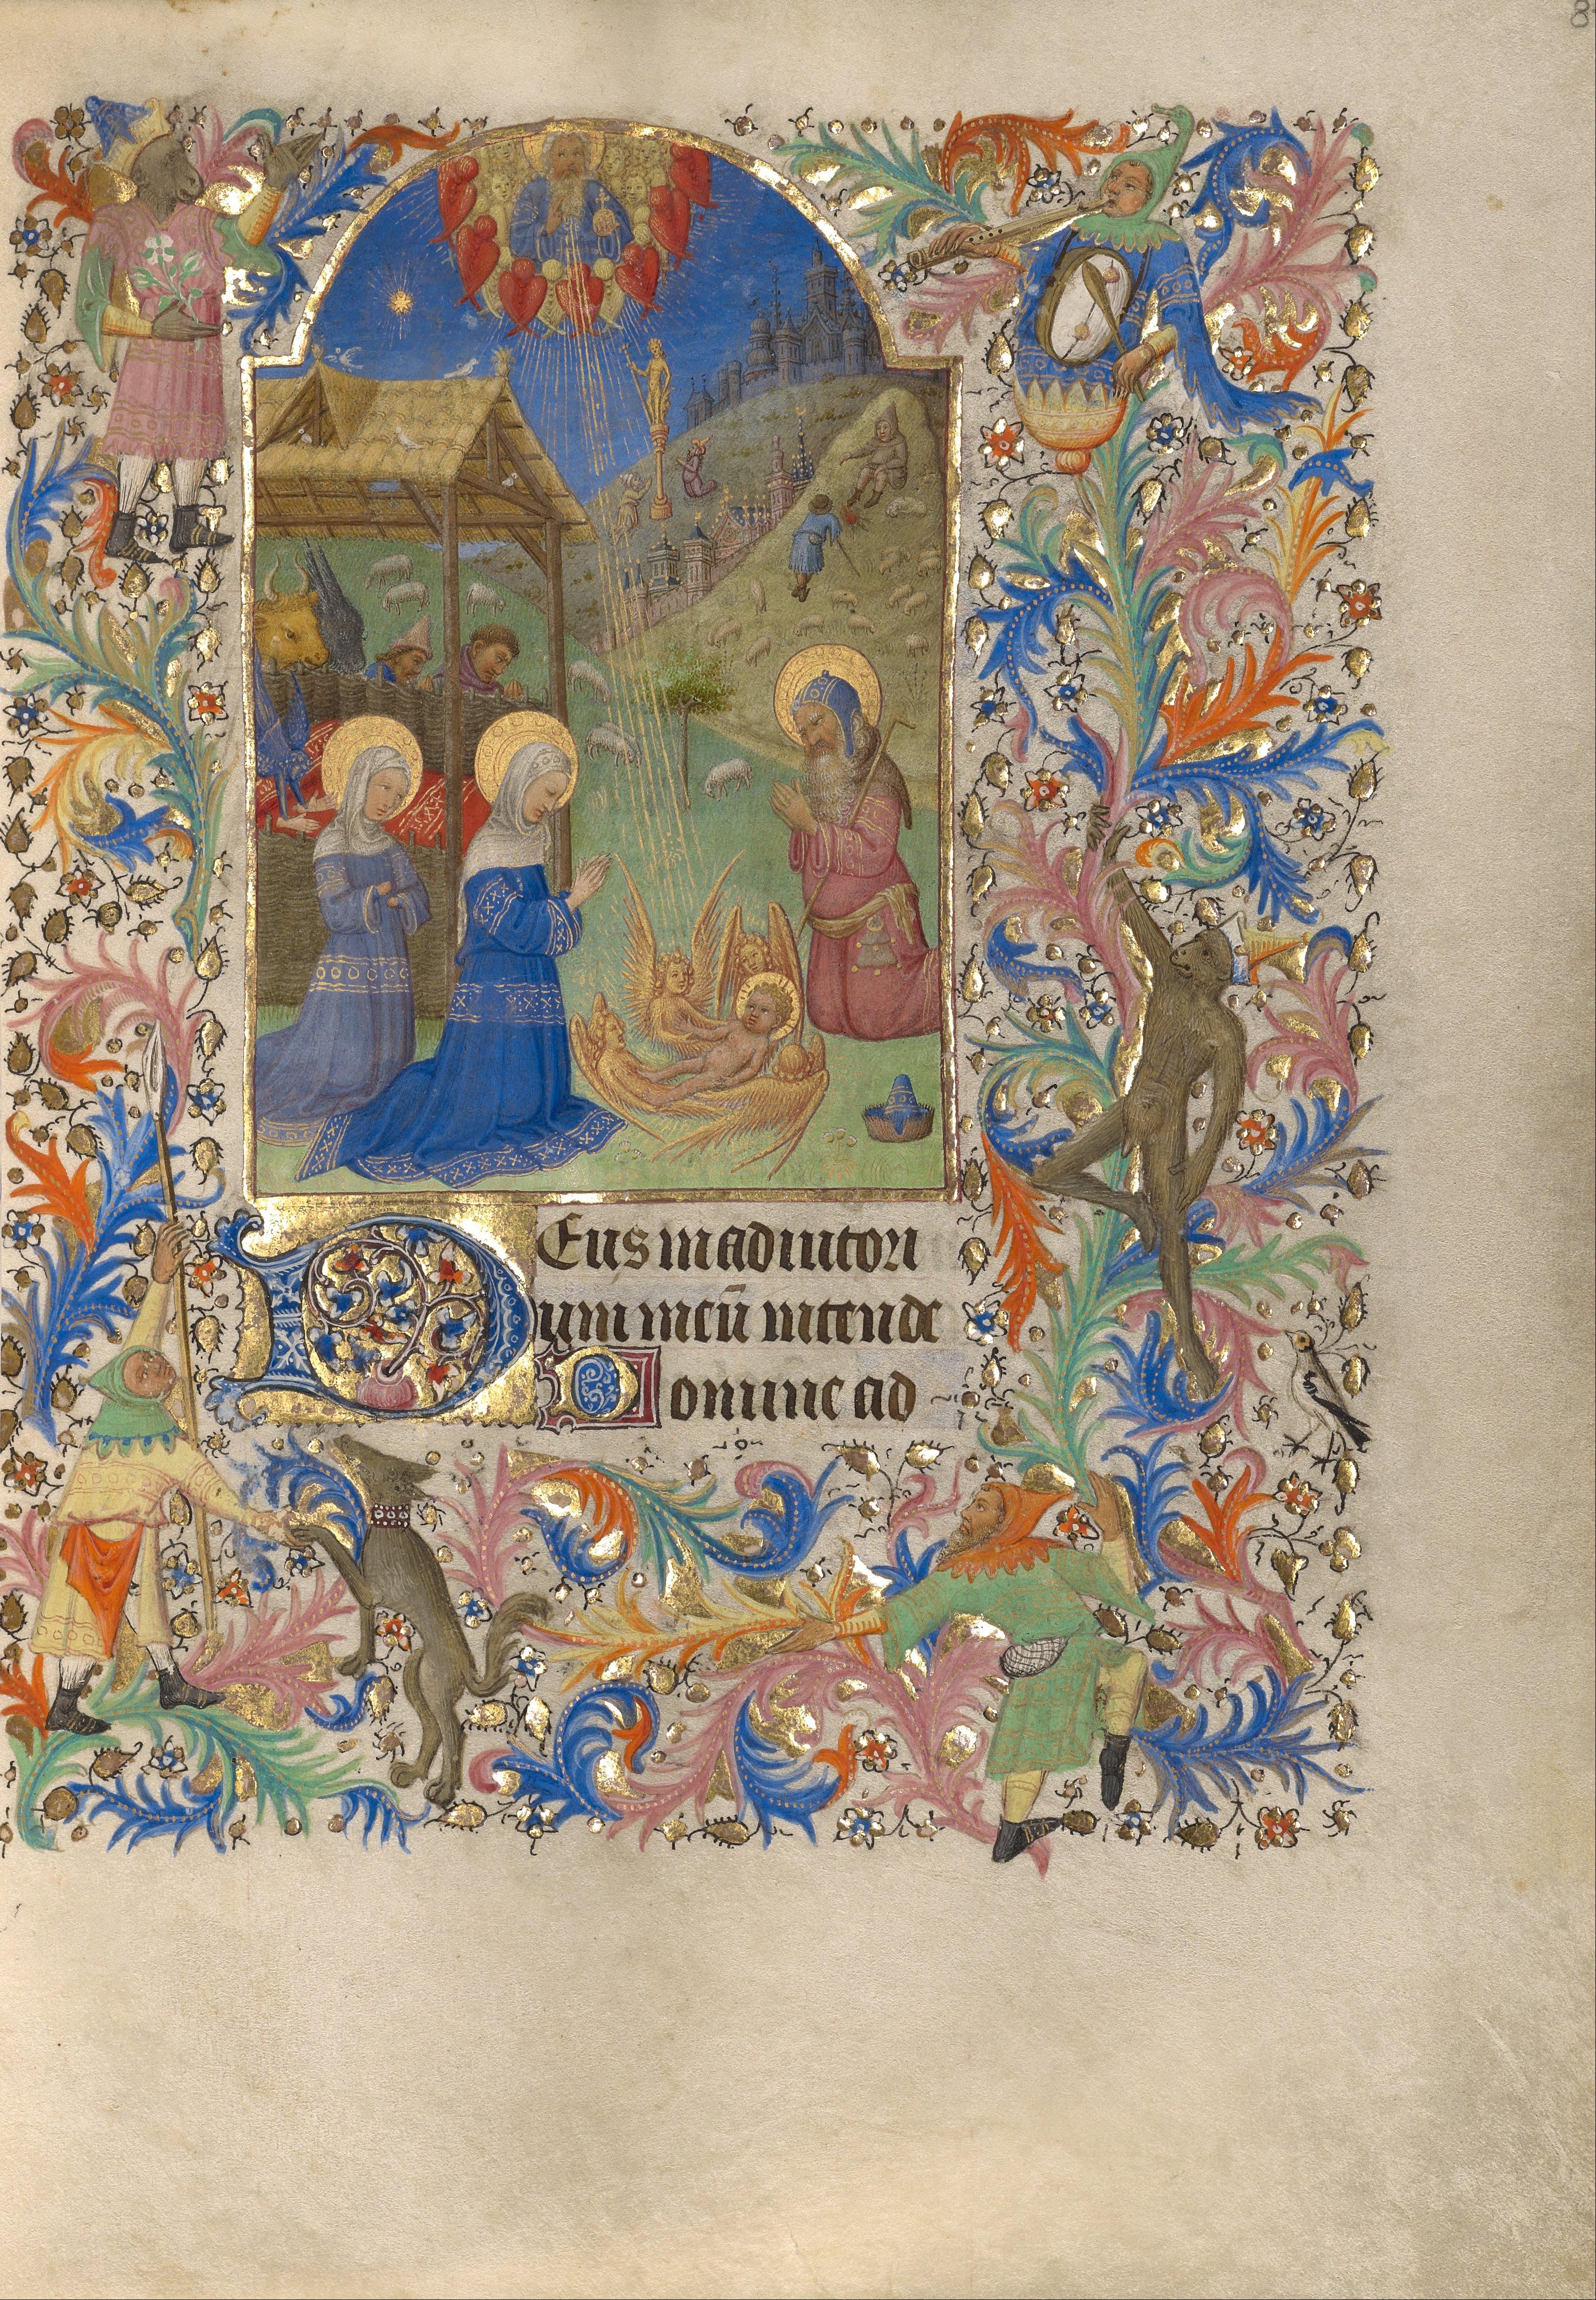 1410s in art